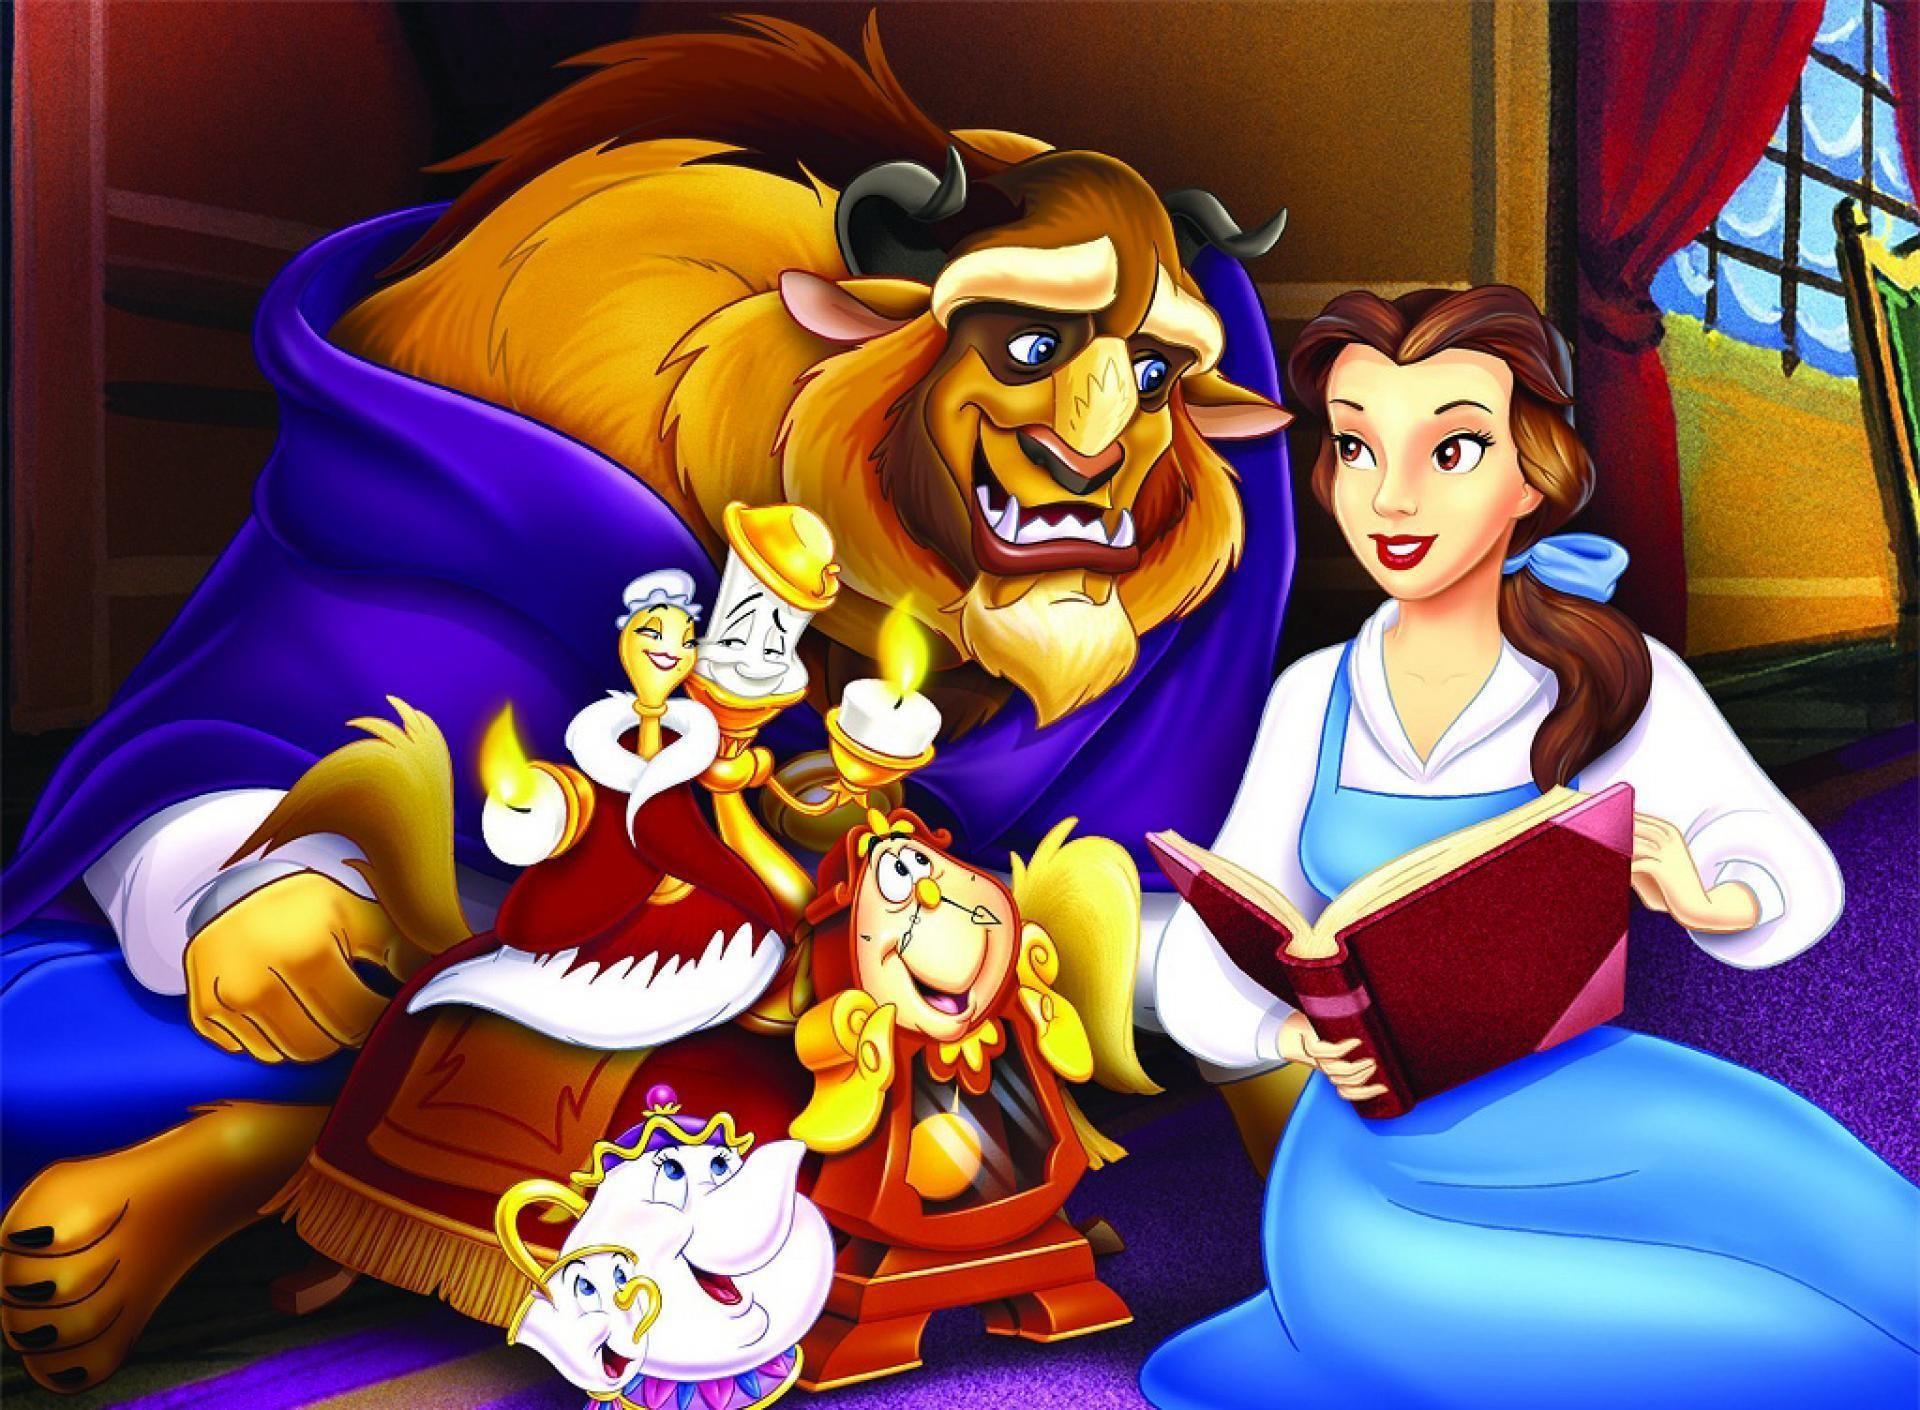 A Bela E A Fera Bela E A Fera Desenho Animado Disney E